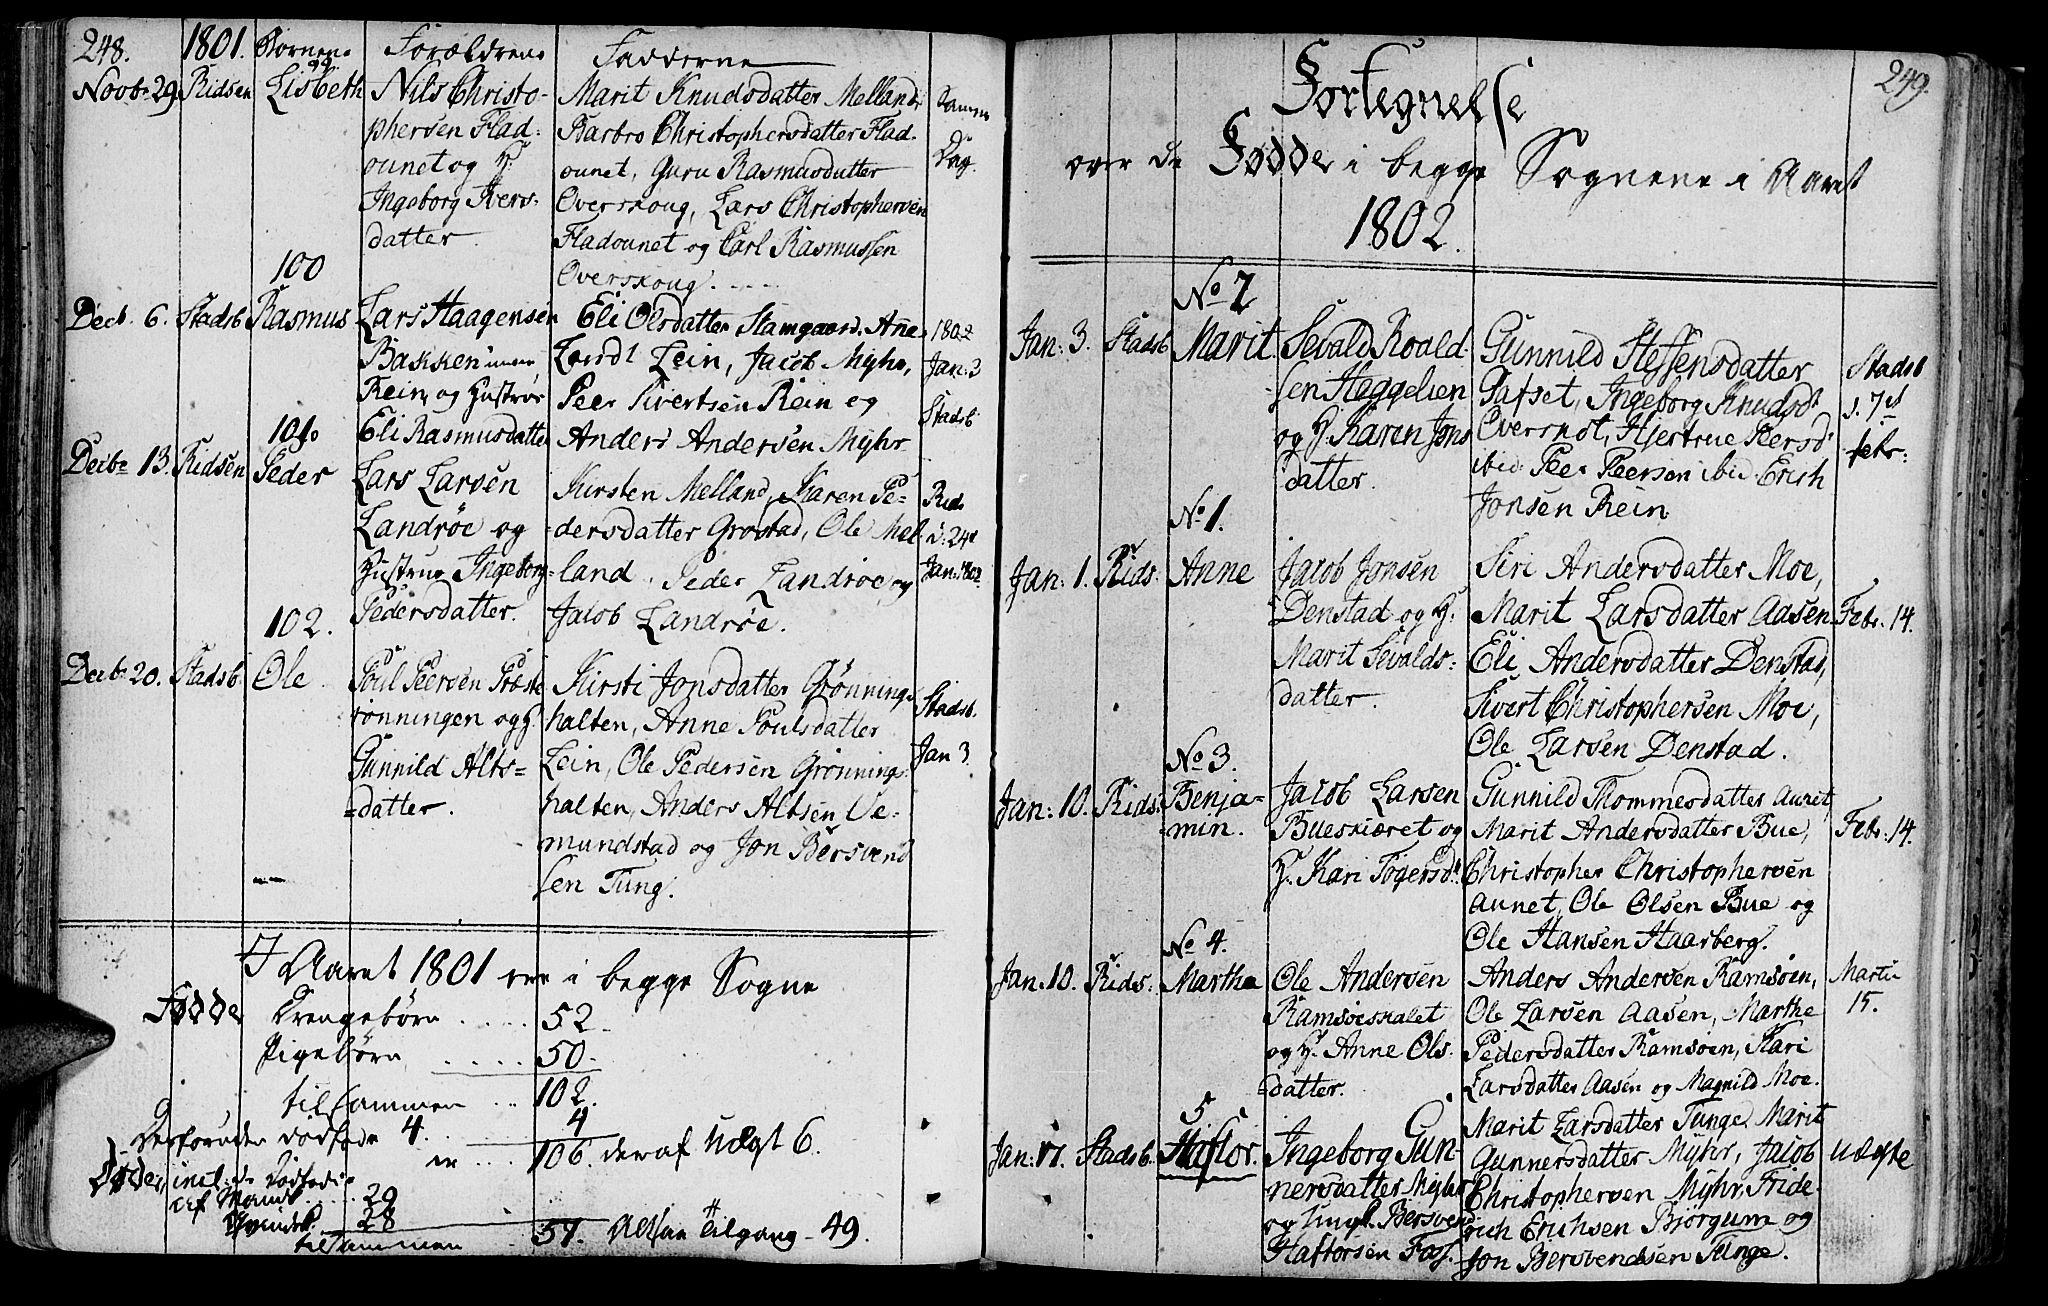 SAT, Ministerialprotokoller, klokkerbøker og fødselsregistre - Sør-Trøndelag, 646/L0606: Ministerialbok nr. 646A04, 1791-1805, s. 248-249